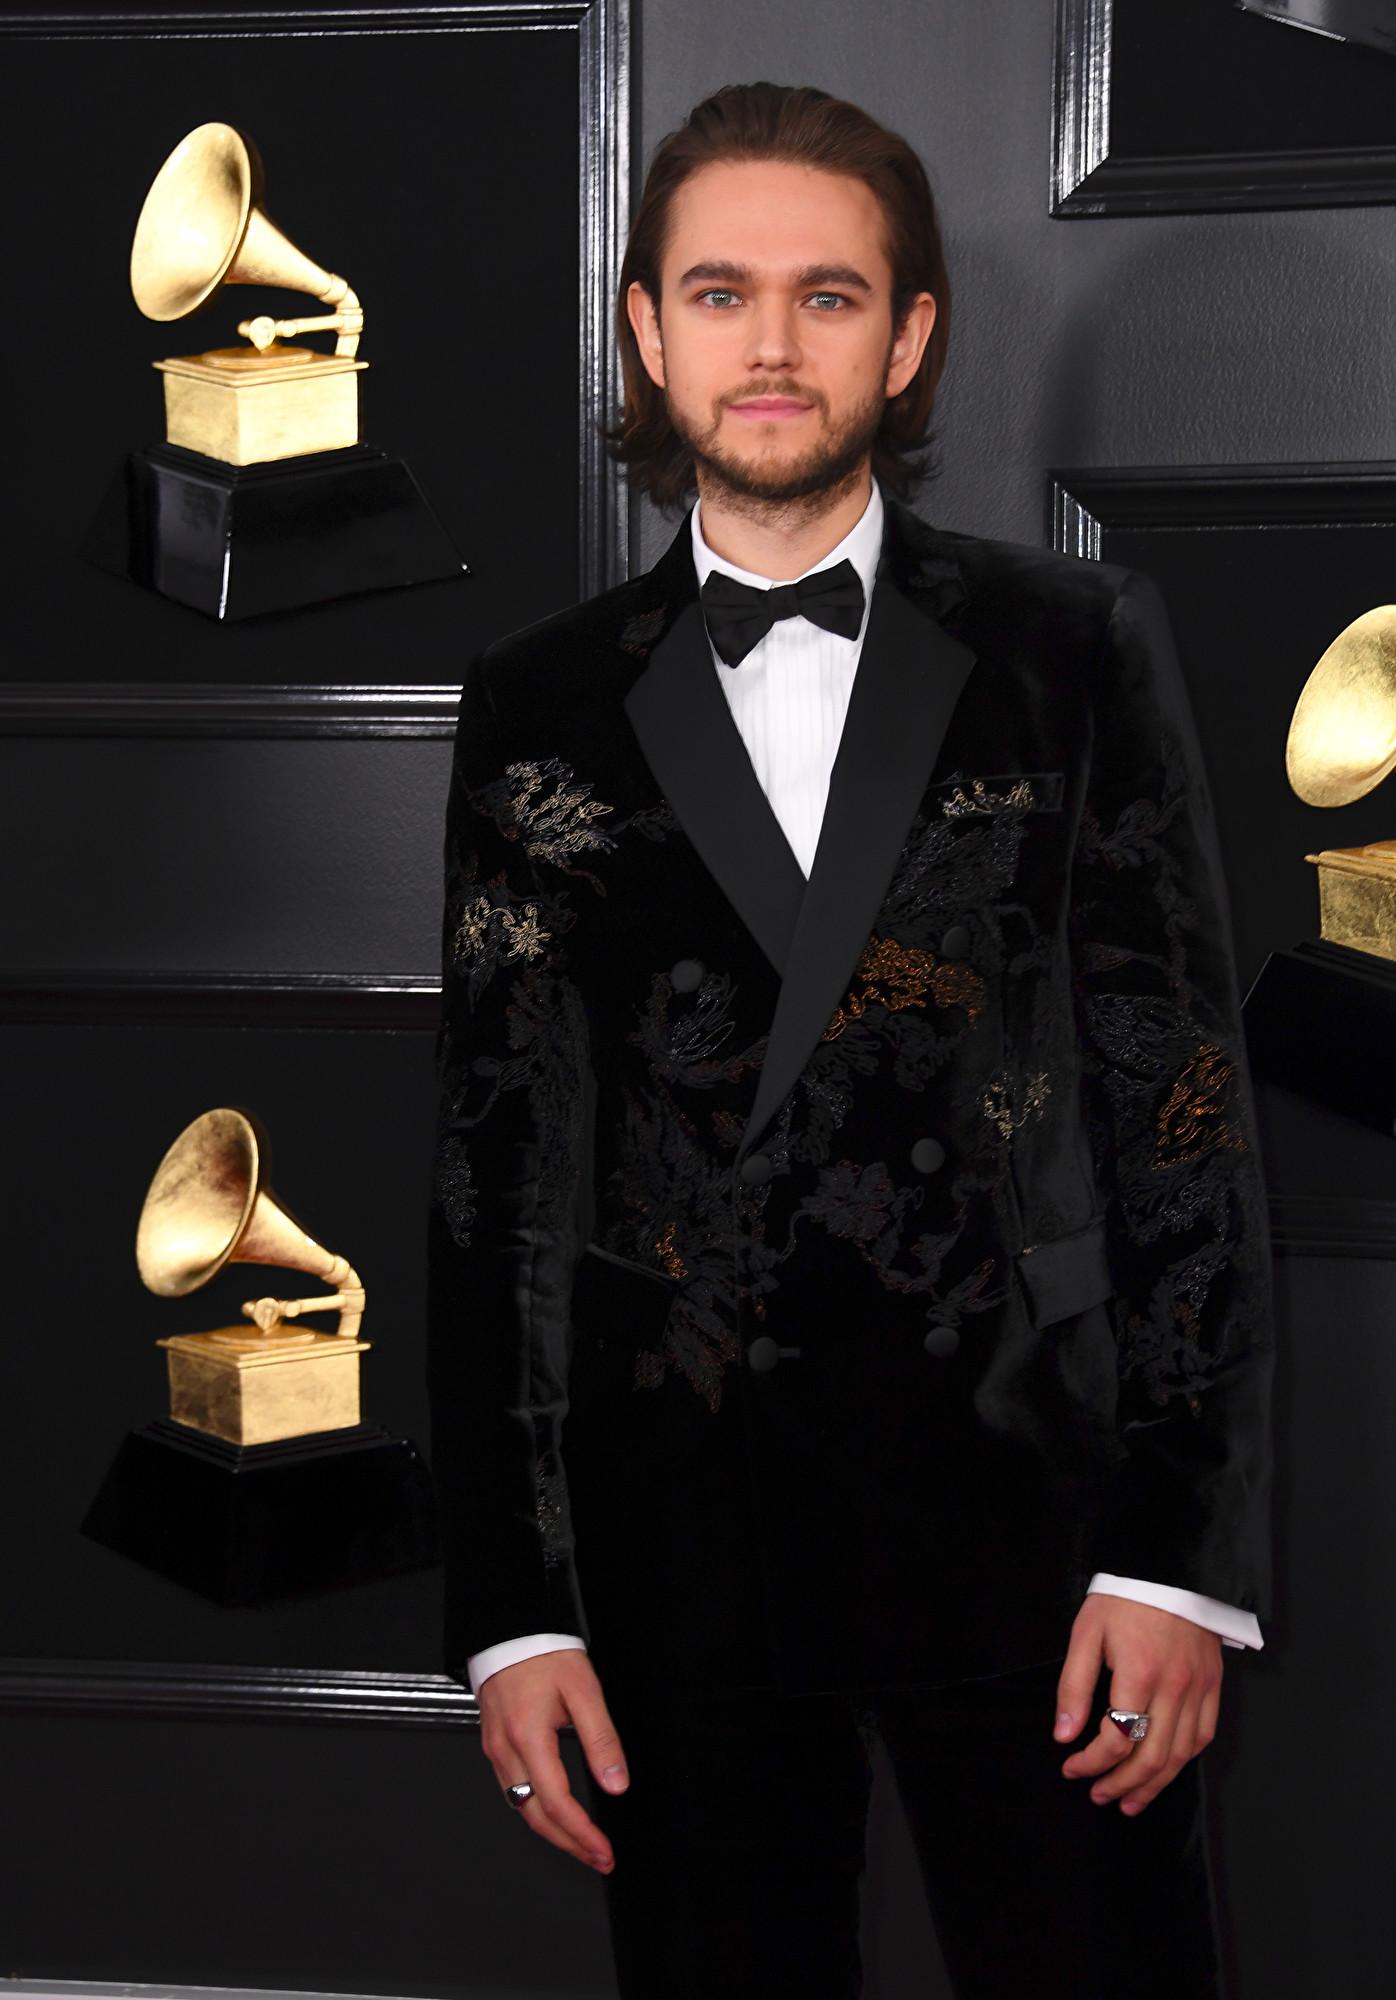 圖為格萊美獎得主、著名德國籍知名DJ澤德(Zedd)。(VALERIE MACON / AFP)